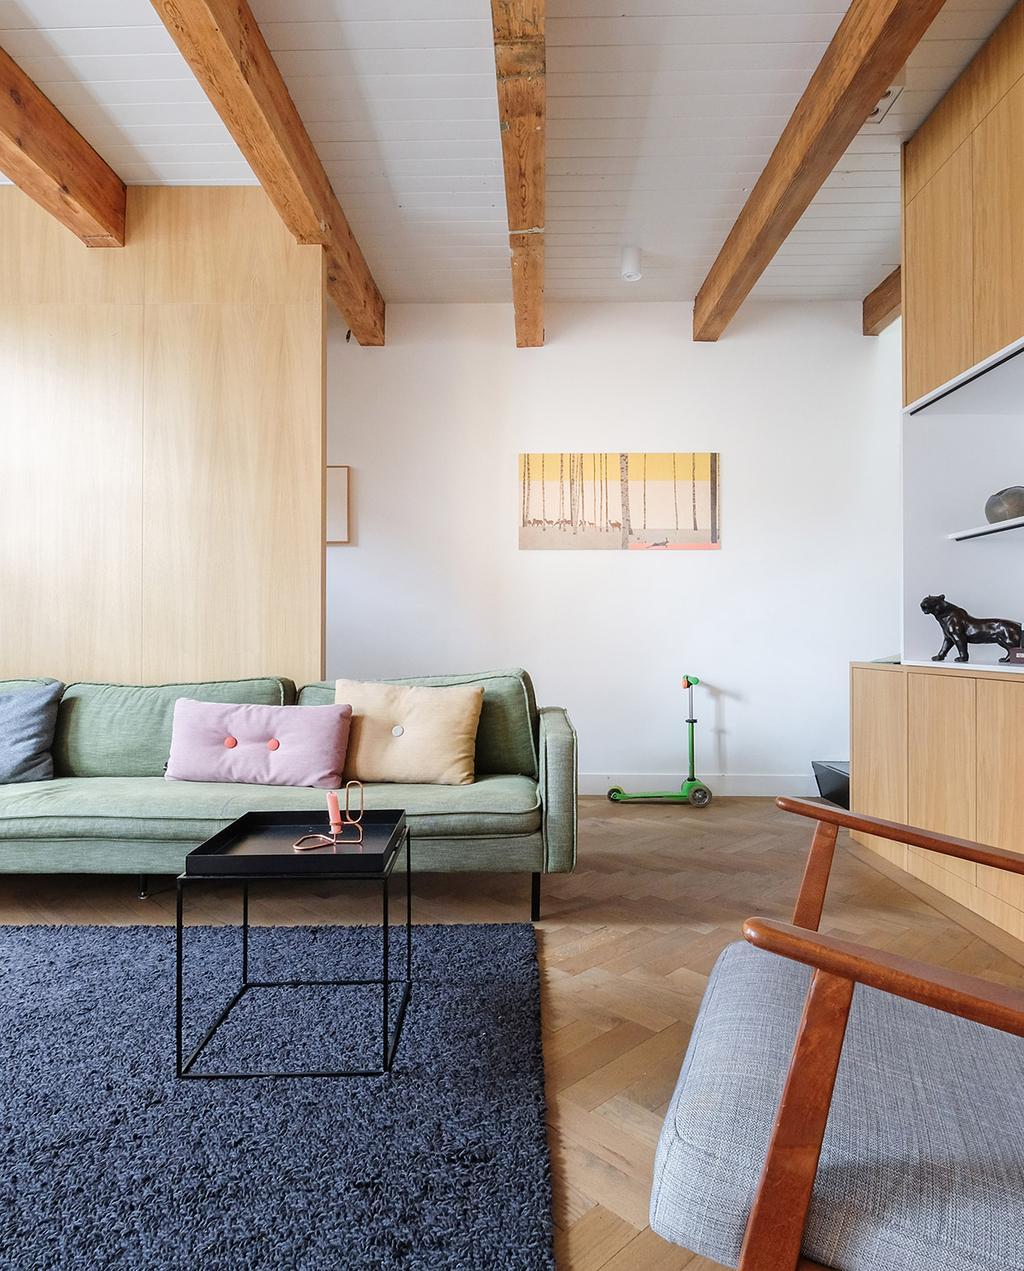 vtwonen 03-2021 | woonkamer met houten muren en groene bank, fauteuil en vloerkleed